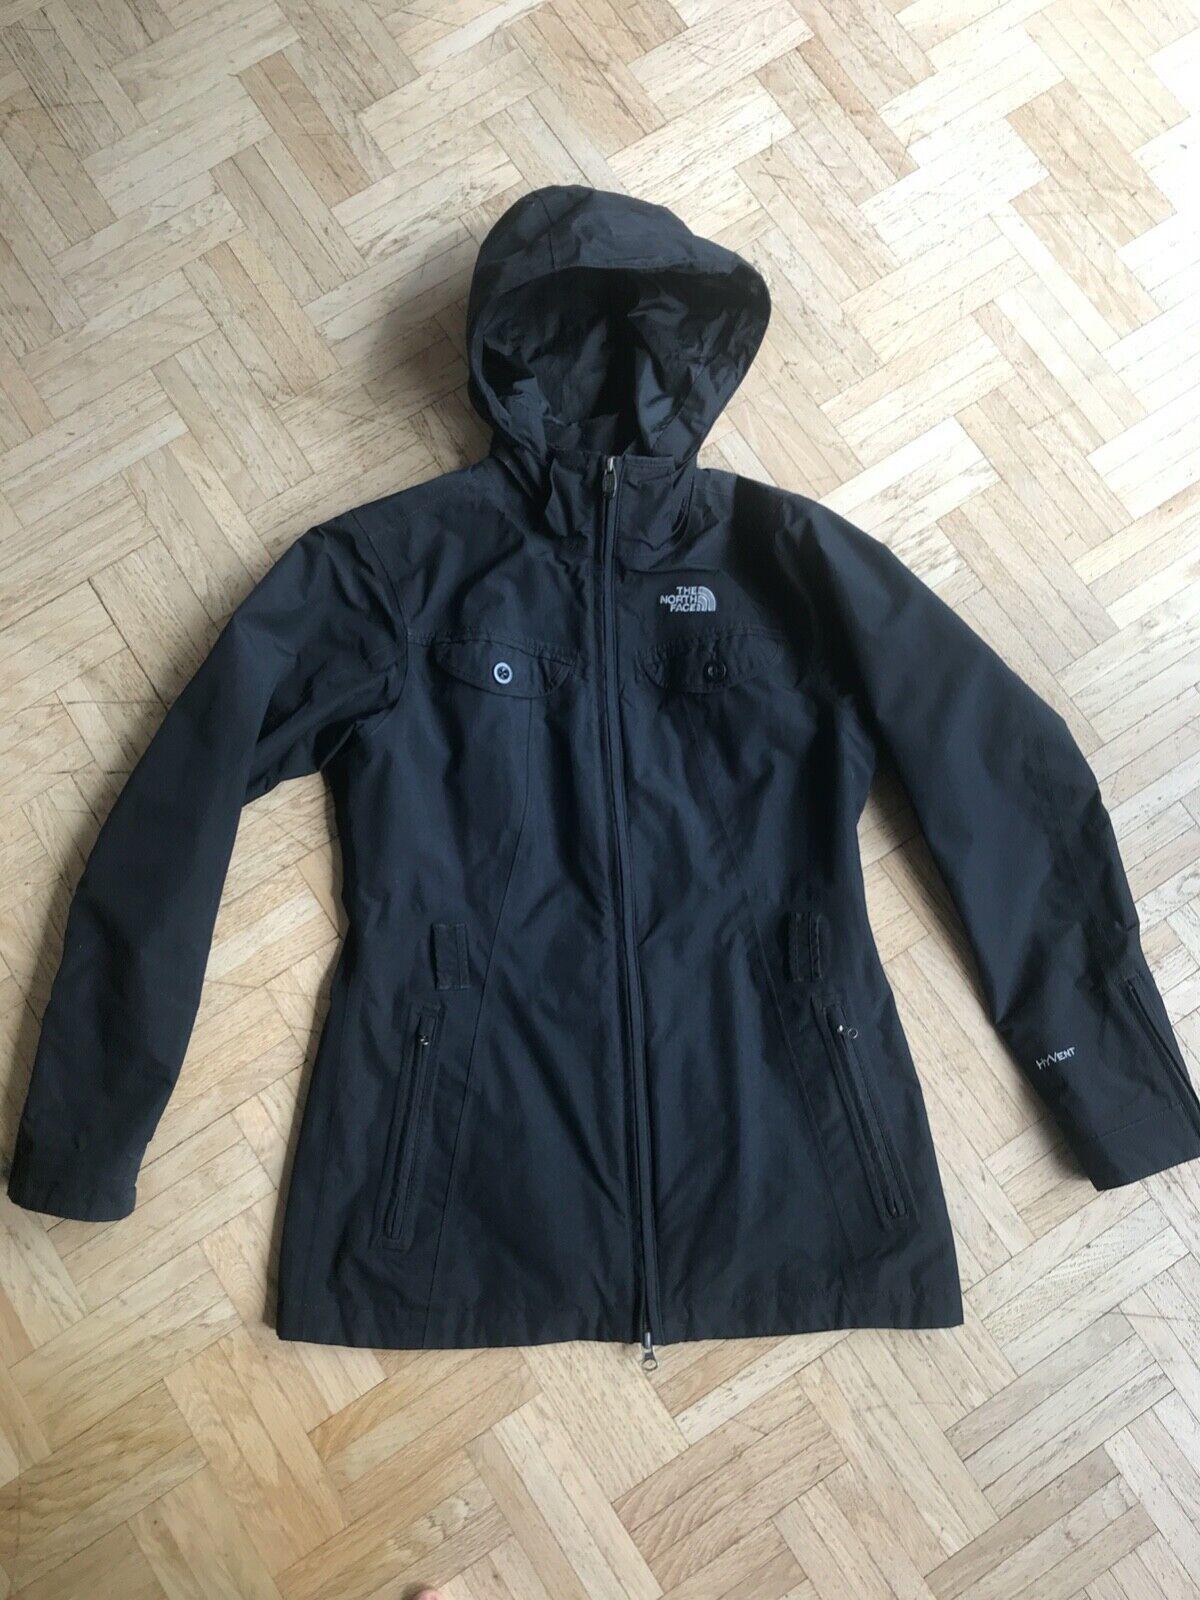 The North Face Regenjacke Damen S schwarz Hyvent Jacke Outdoorjacke